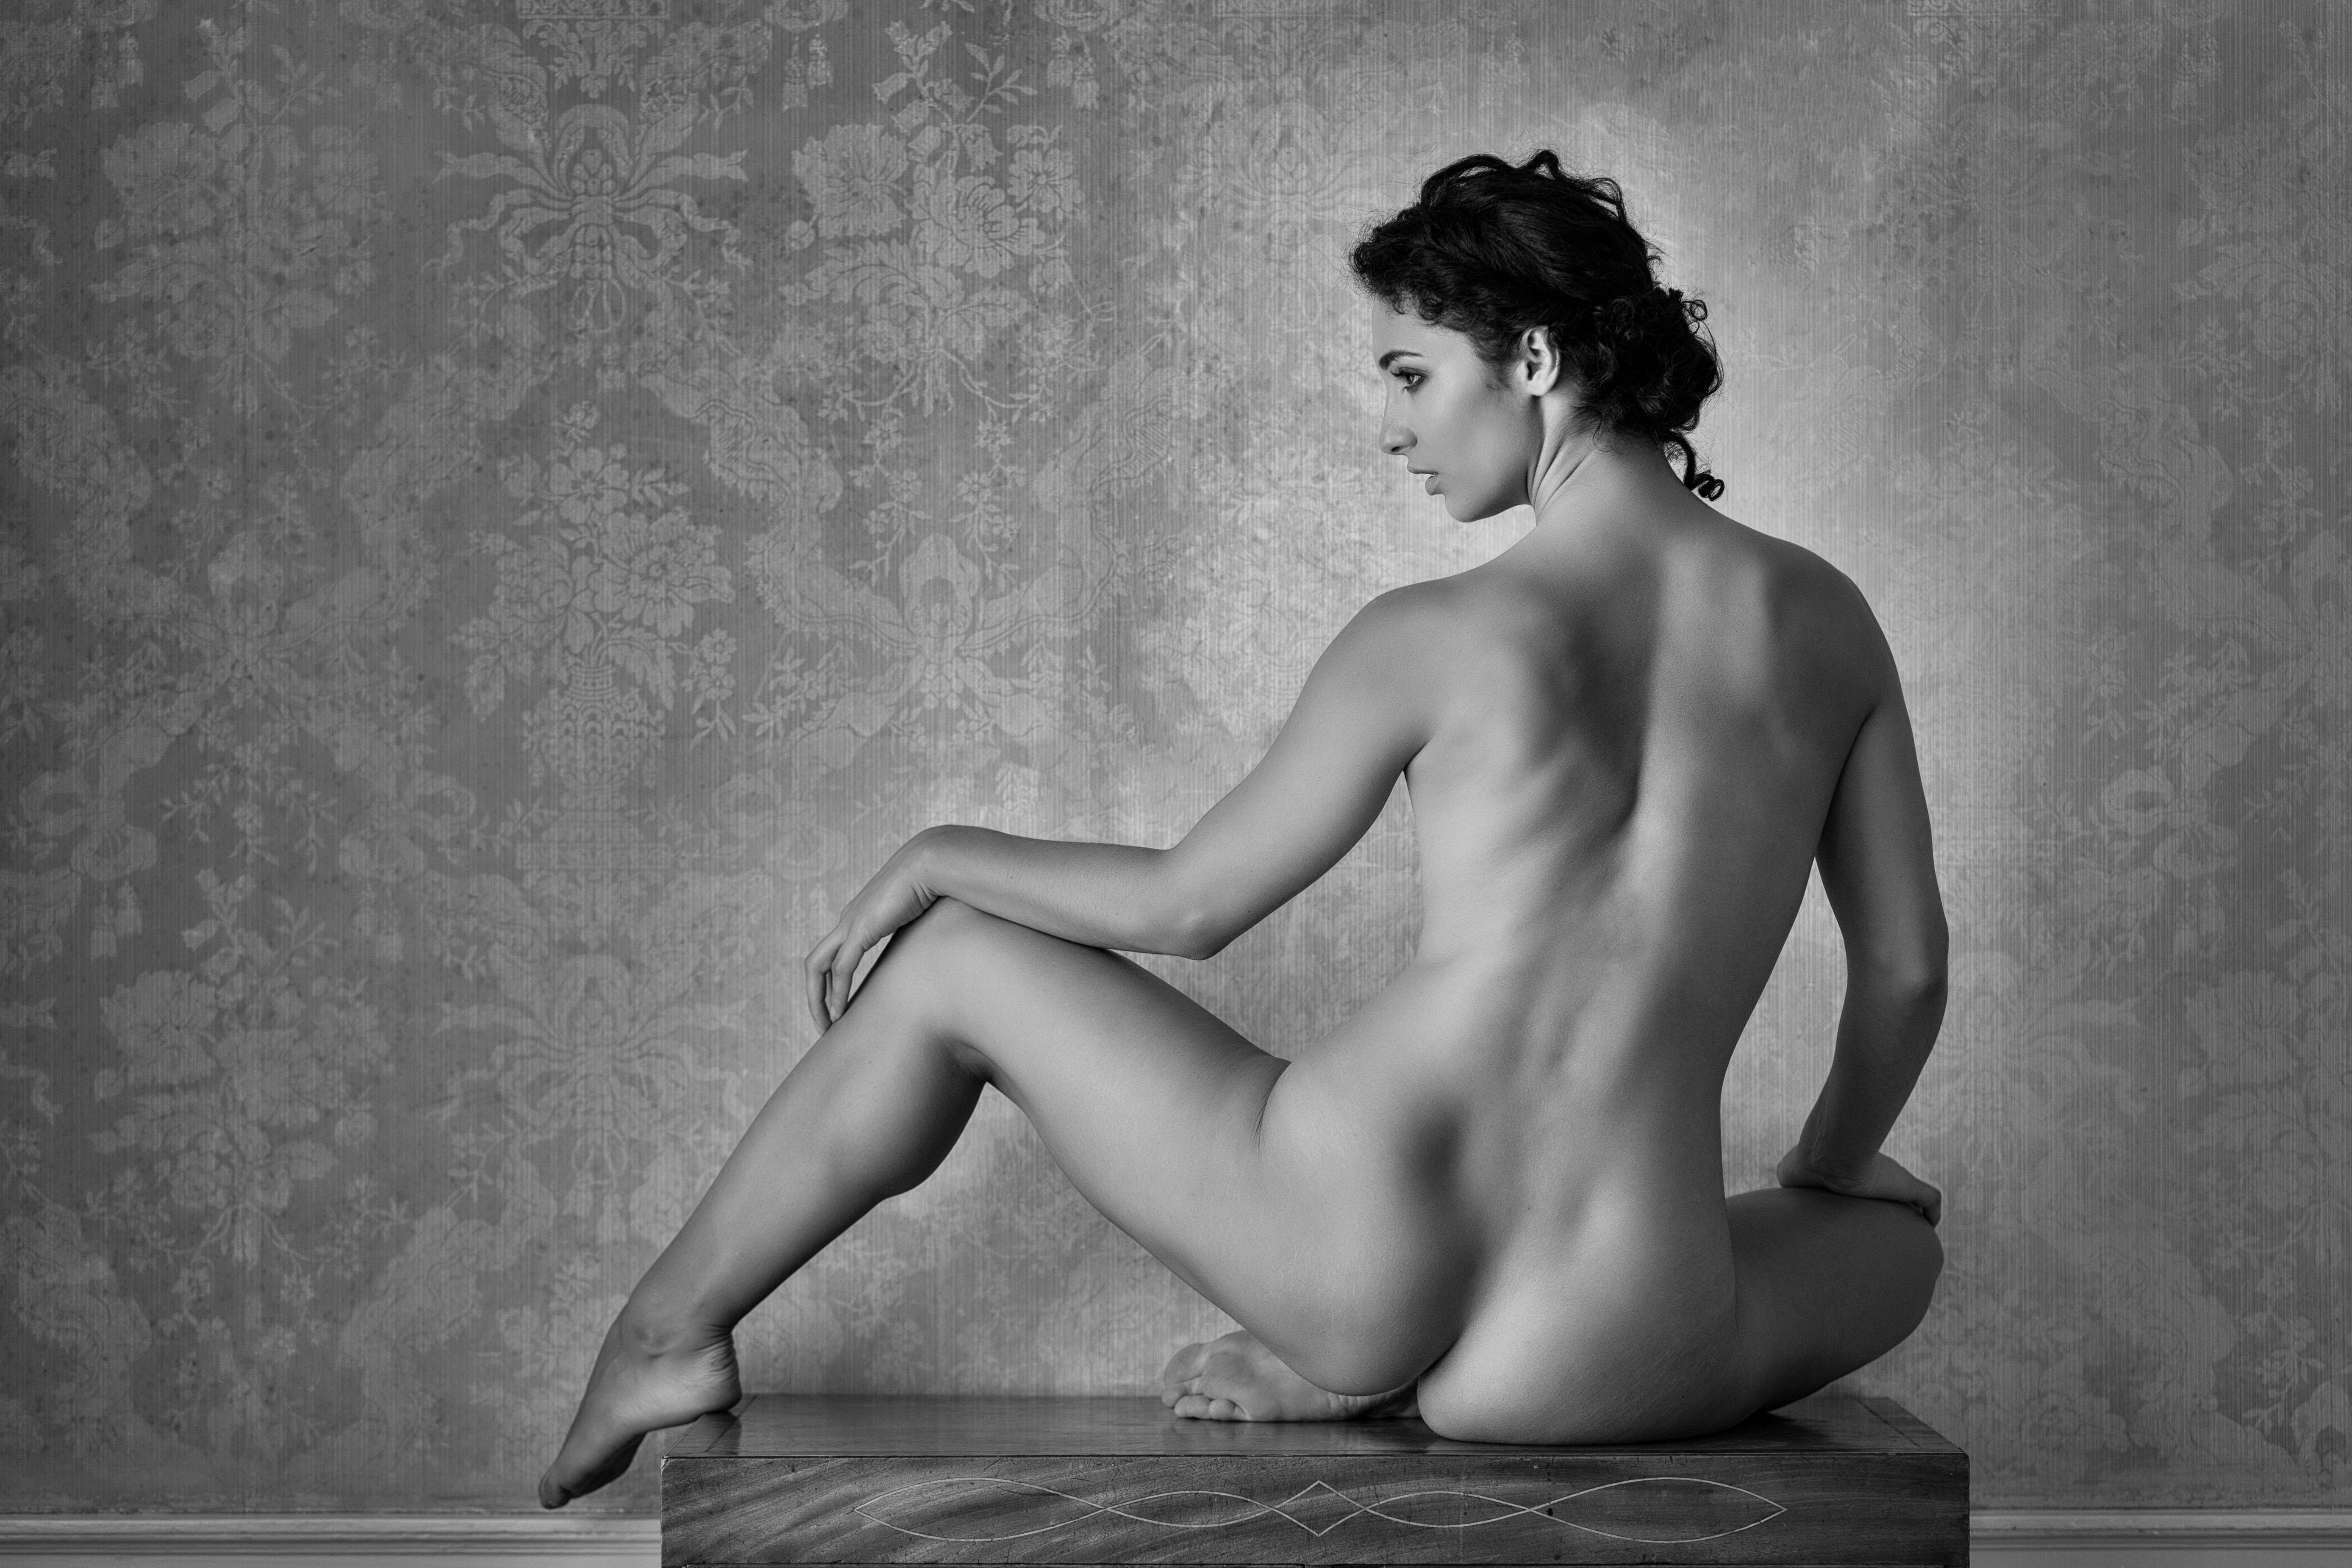 Nude study 1